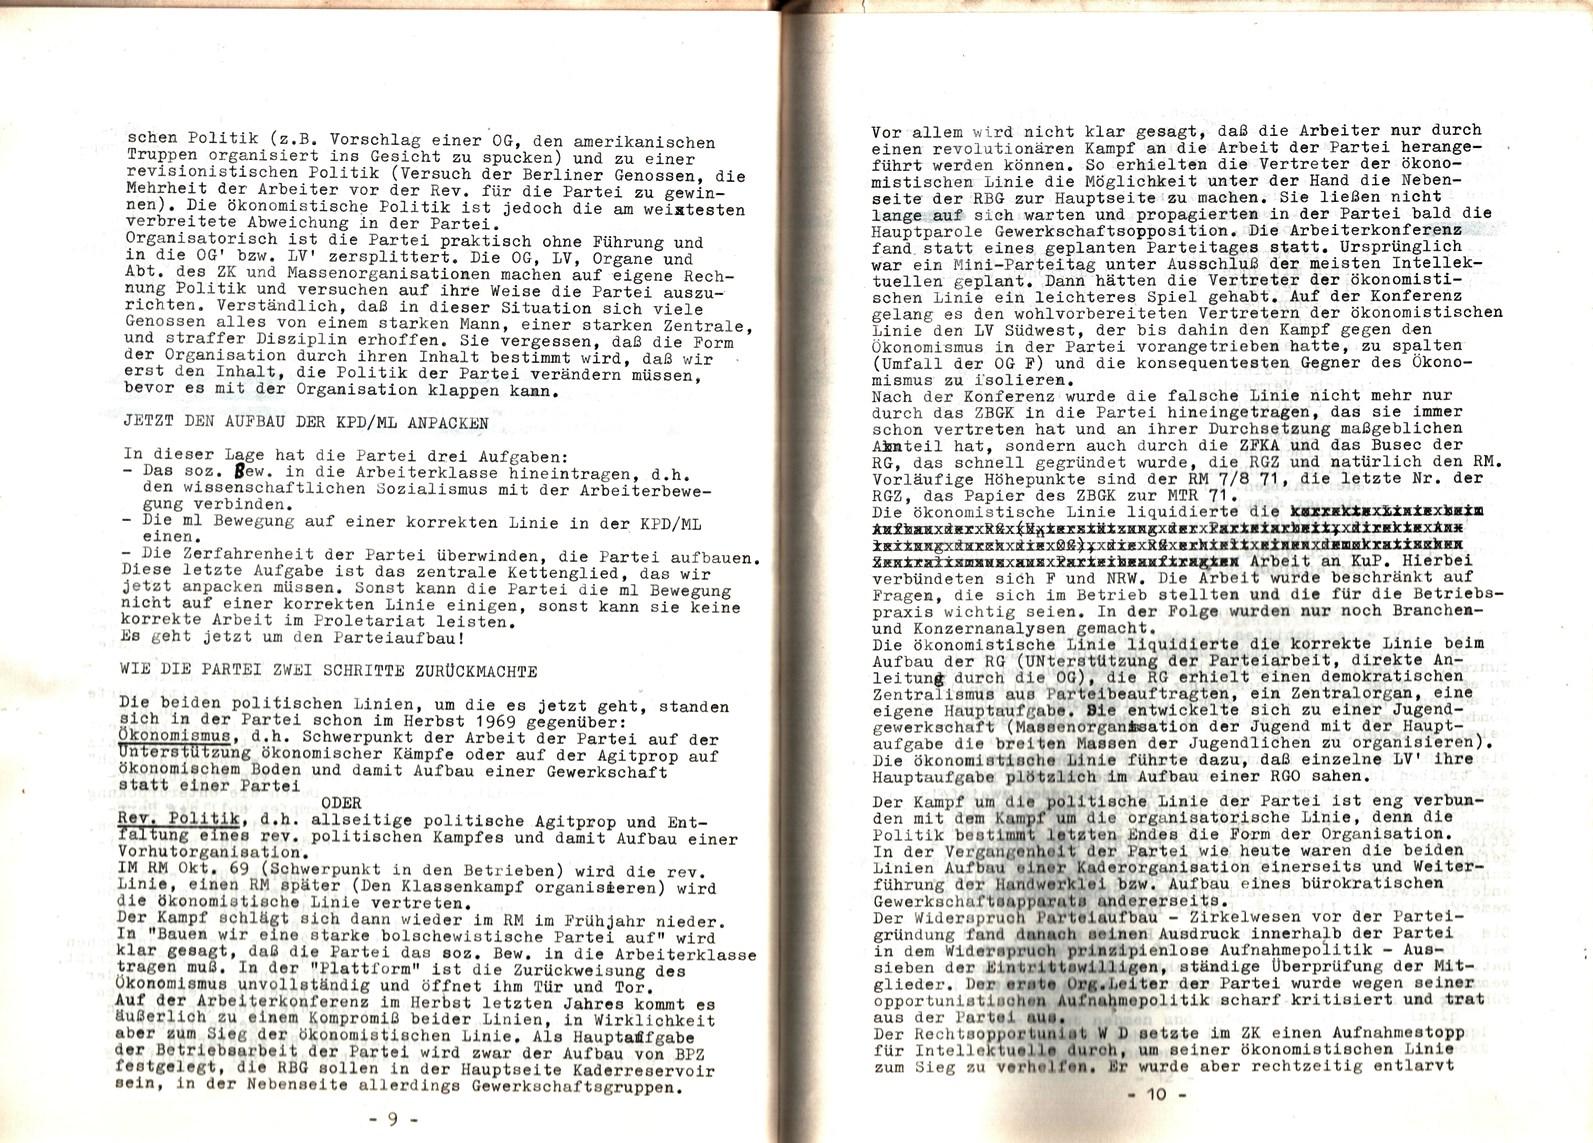 KPDML_1971_Analysen_und_Antraege_des_LV_Sued_West_048